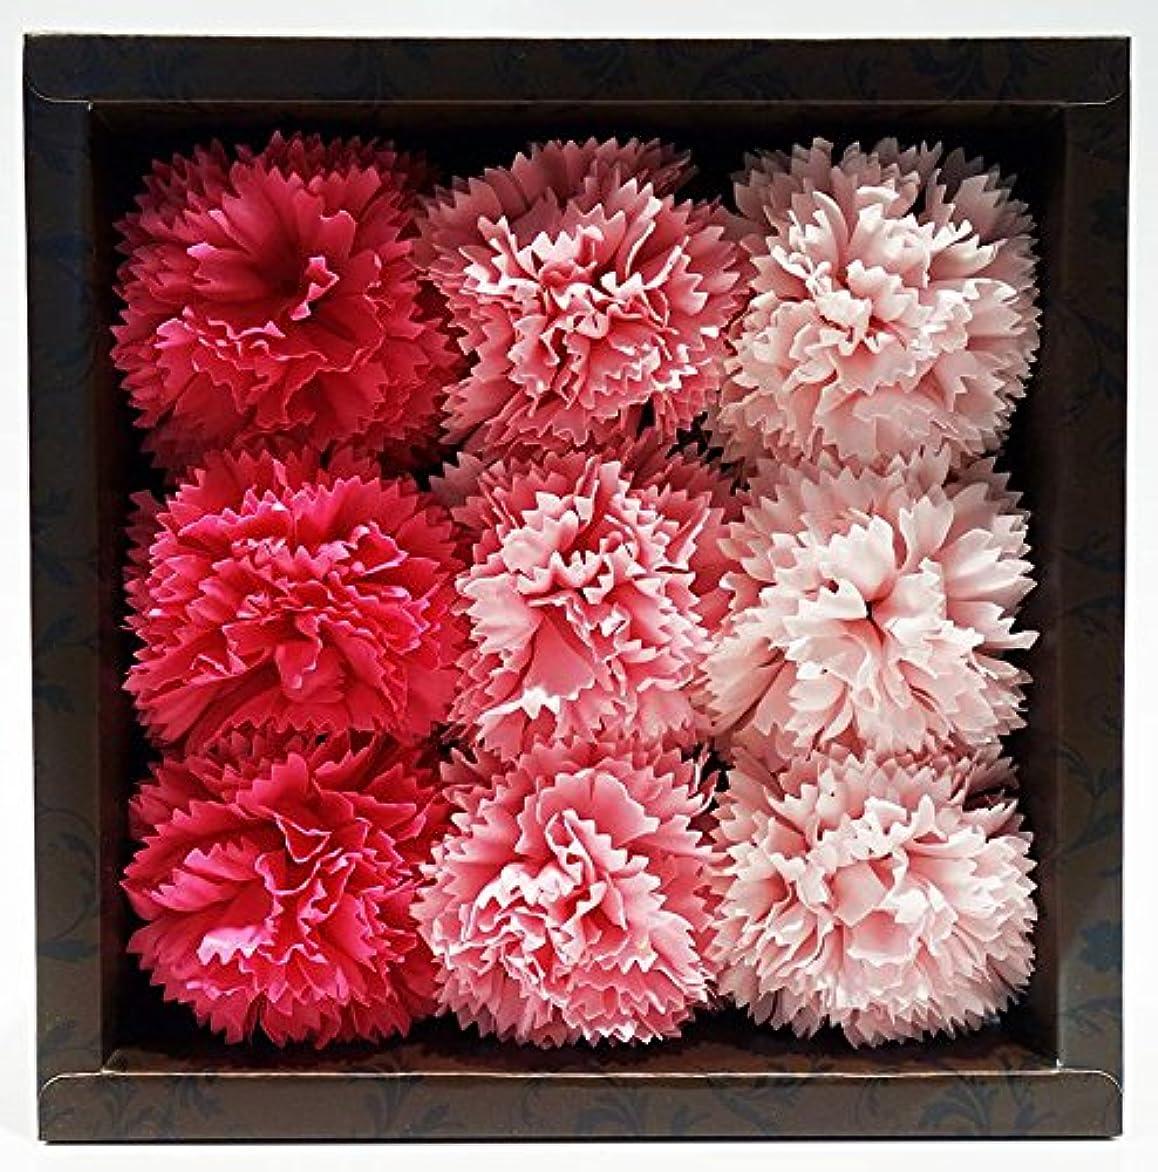 アパートドライバ脳バスフレグランス バスフラワー カーネーション ピンクカラー お花の形の入浴剤 母の日 プレゼント ギフト